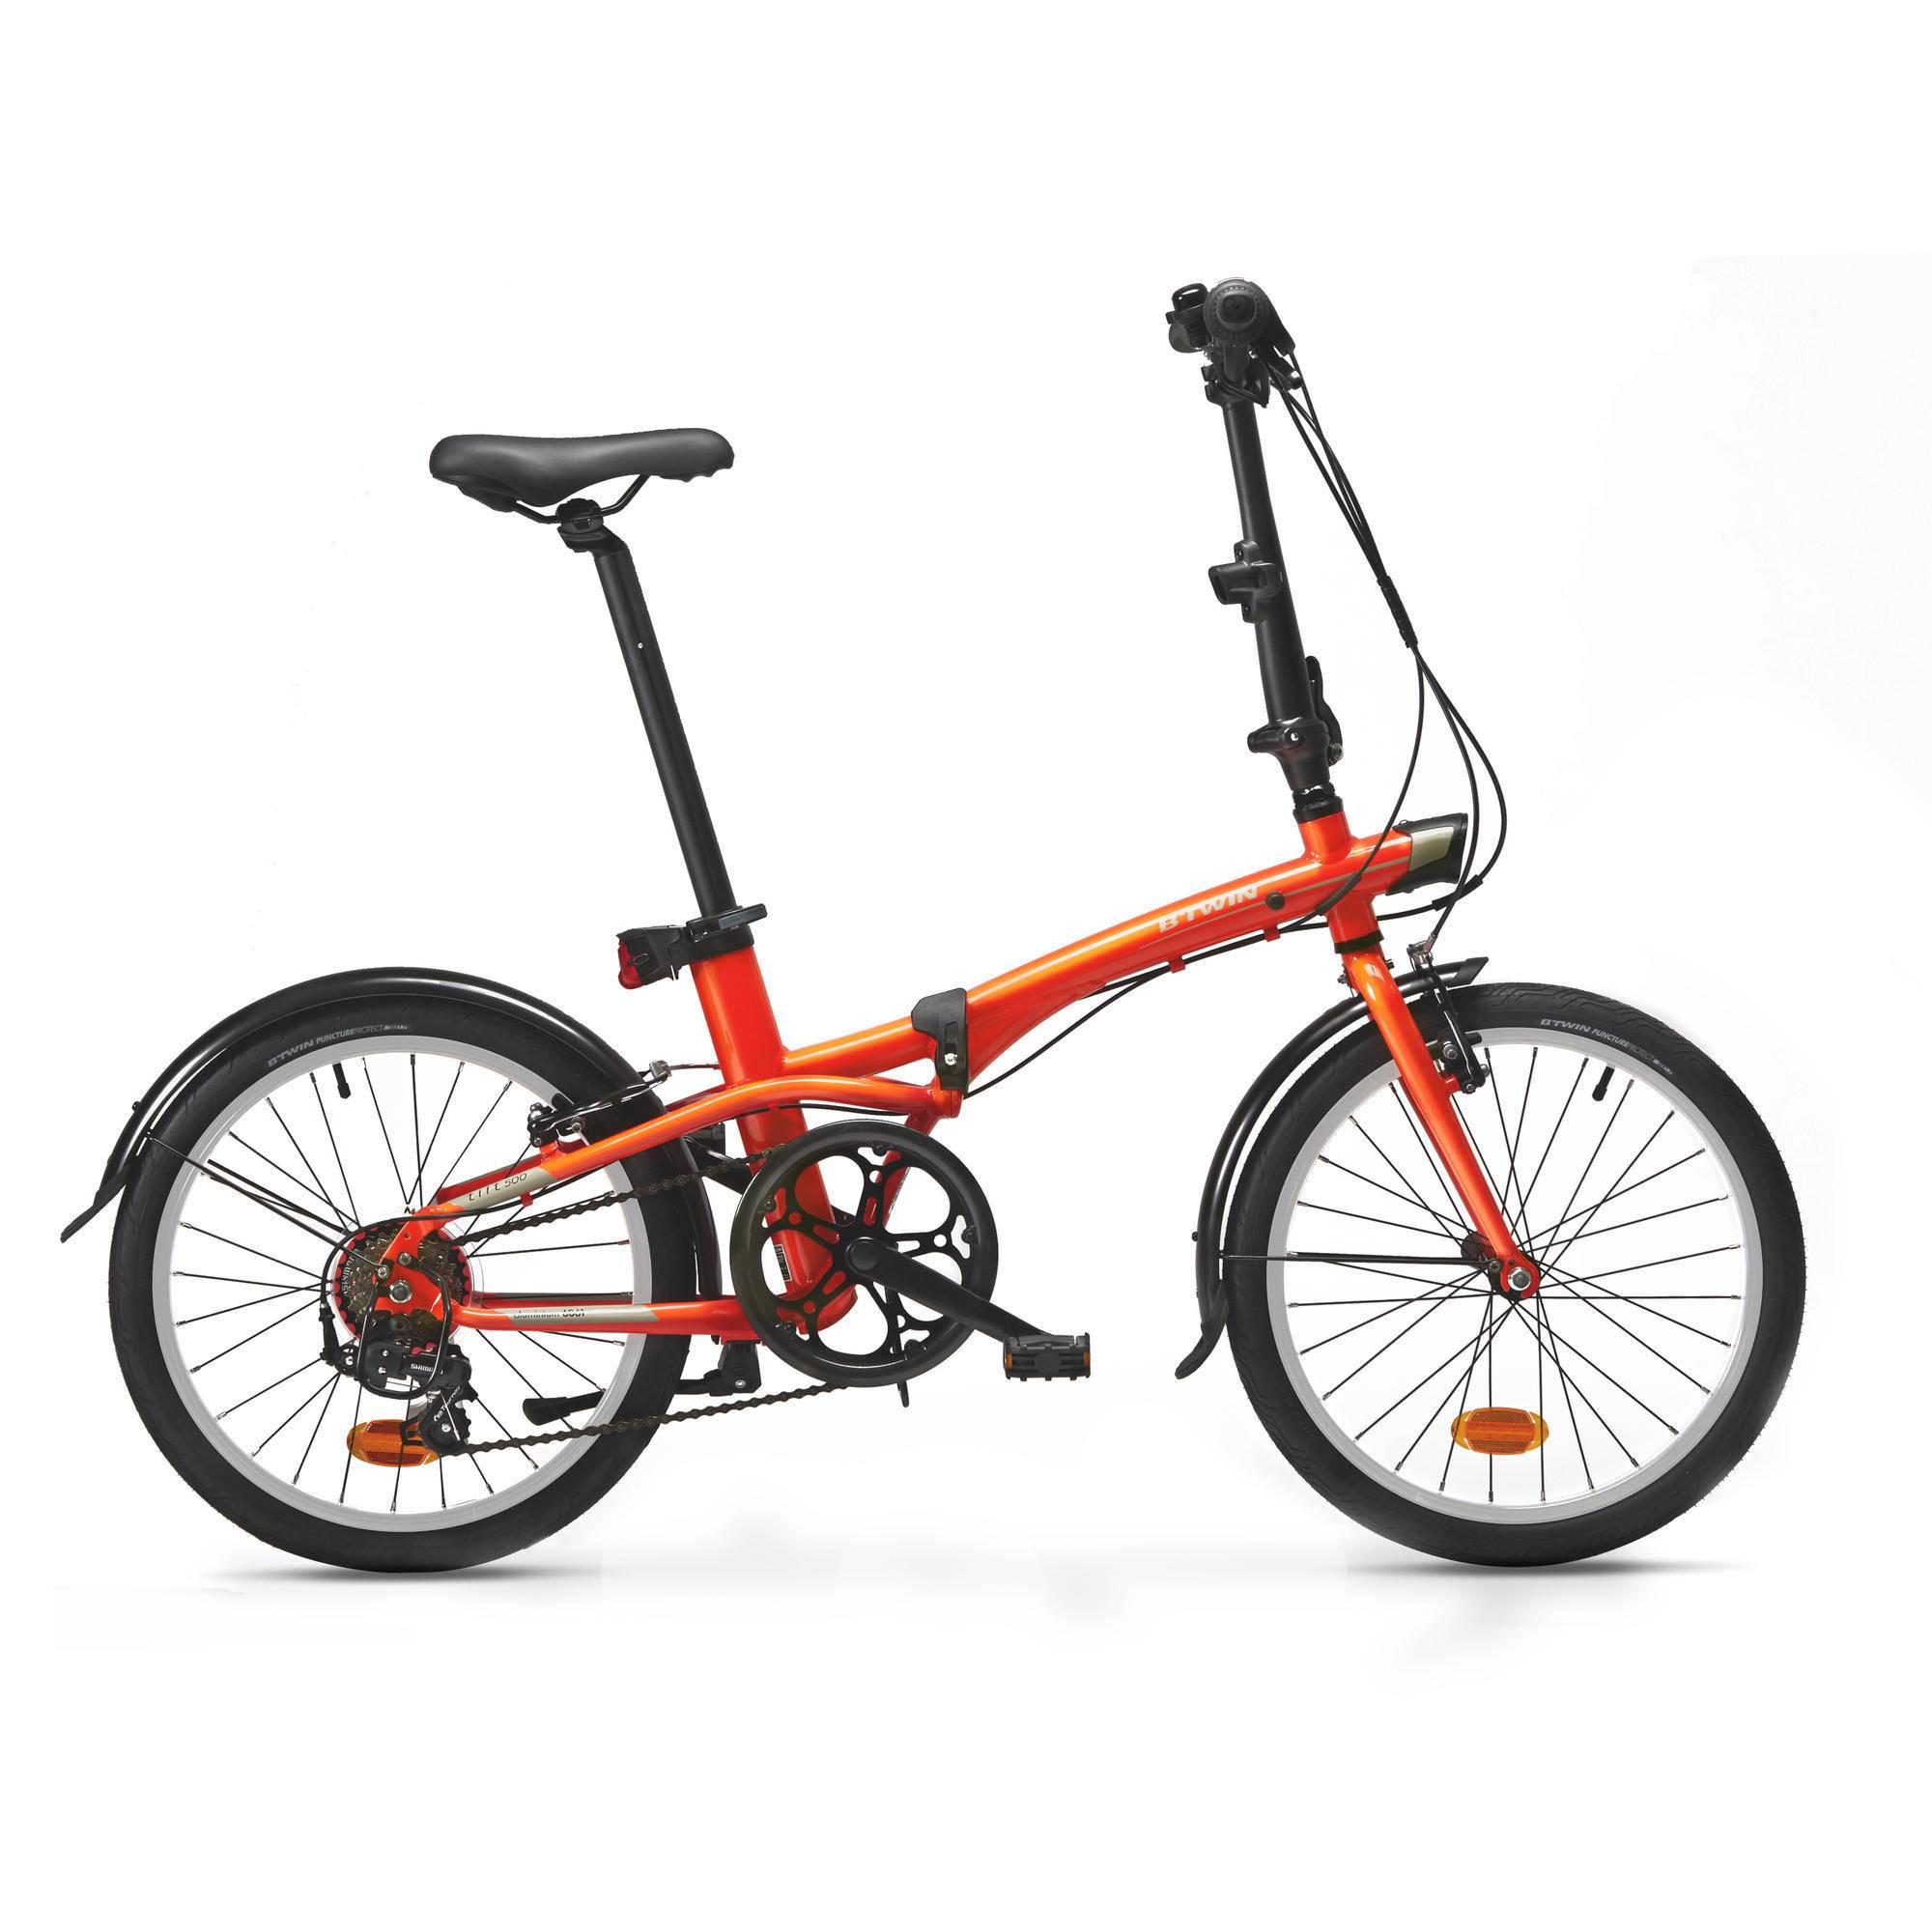 BTWIN Bici pieghevole TILT 500 arancione fluo